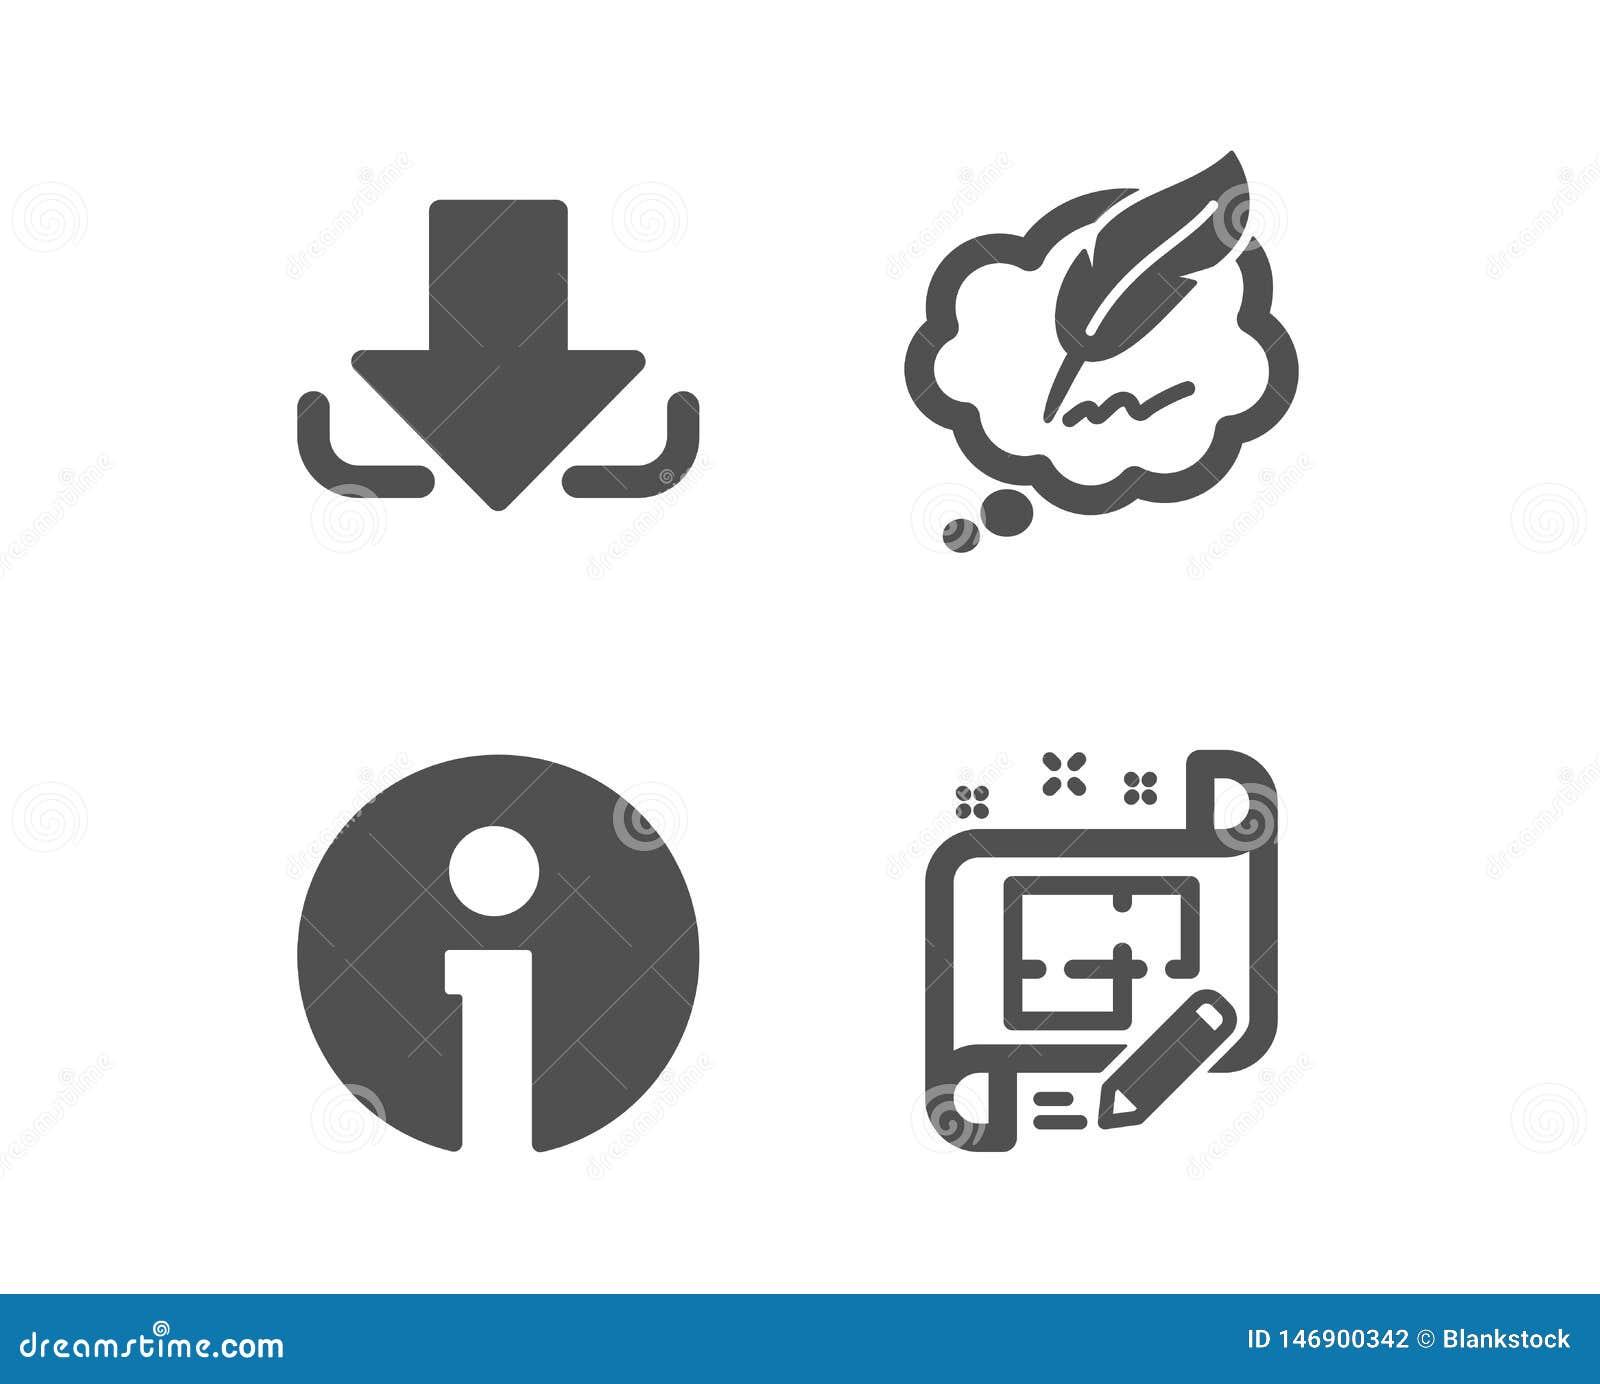 Болтовня загрузки, авторского права и значки информации Знак плана архитектора Файл нагрузки, пузырь речи, информация r